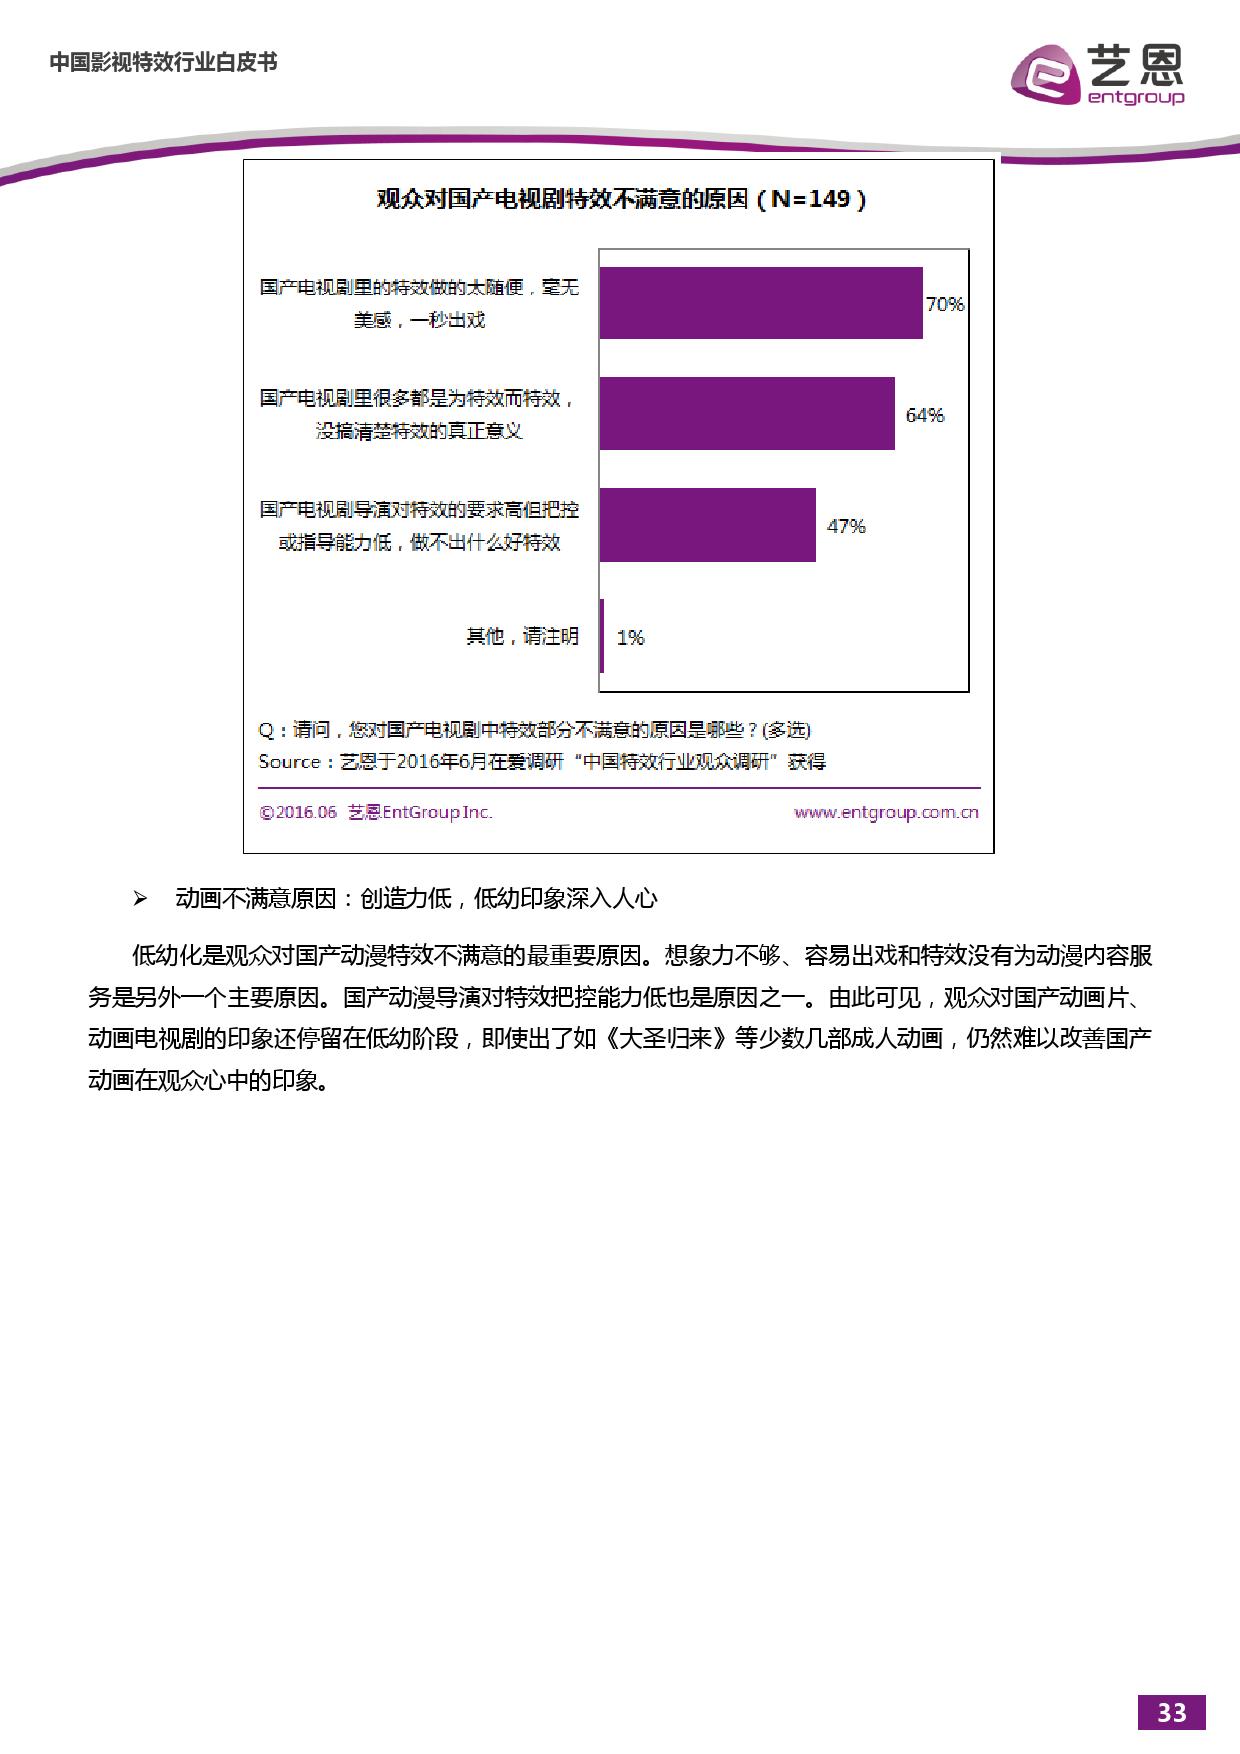 %e4%b8%ad%e5%9b%bd%e5%bd%b1%e8%a7%86%e7%89%b9%e6%95%88%e5%b8%82%e5%9c%ba%e7%a0%94%e7%a9%b6%e6%8a%a5%e5%91%8a_000034